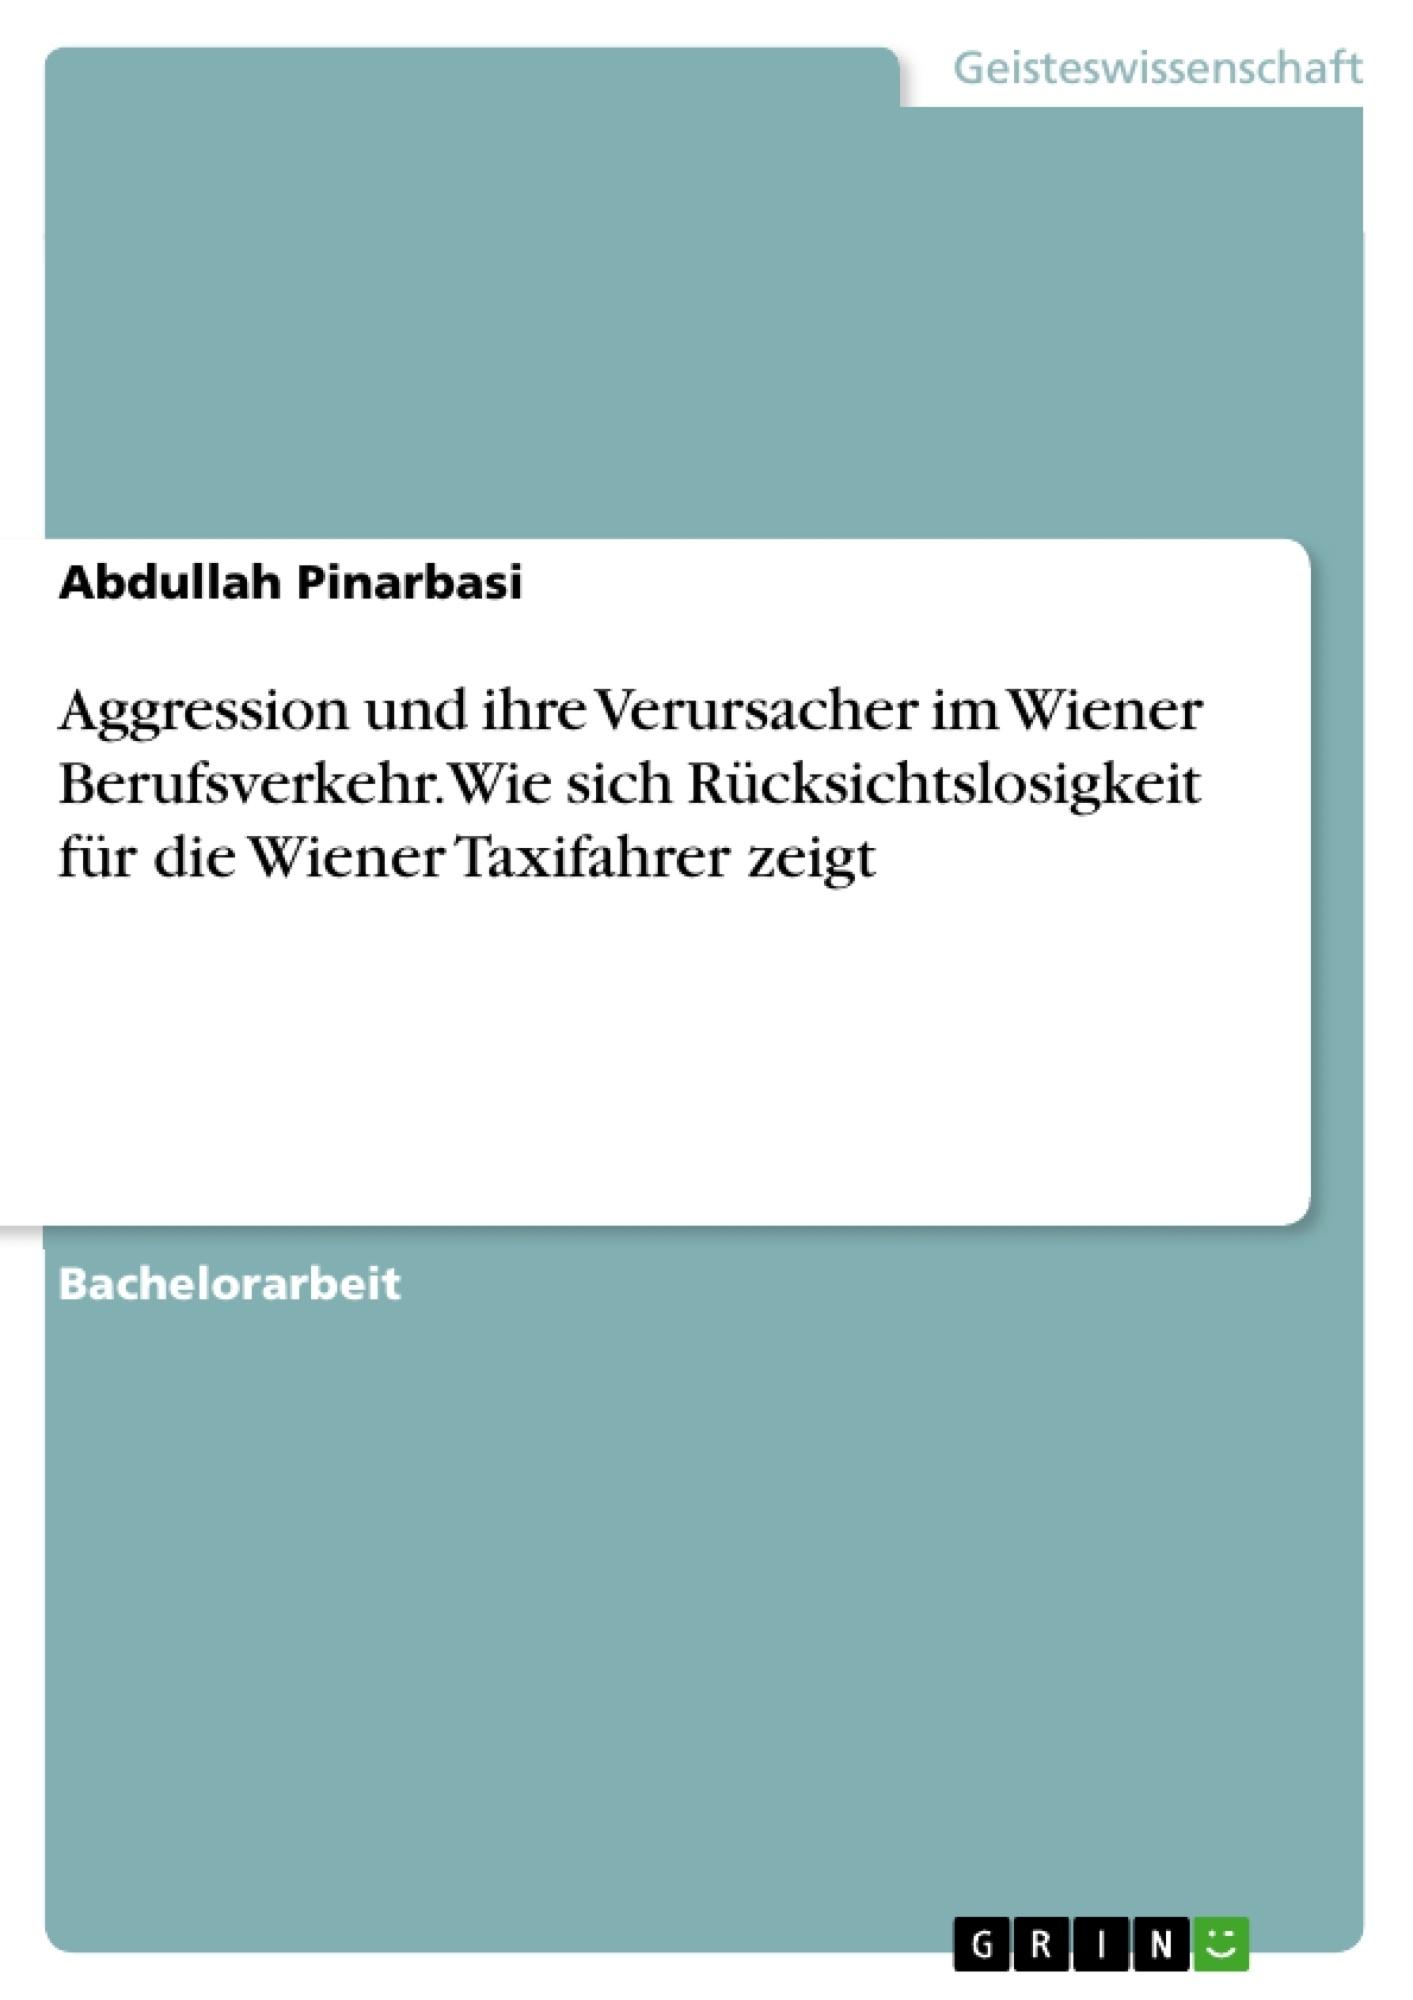 Titel: Aggression und ihre Verursacher im Wiener Berufsverkehr. Wie sich Rücksichtslosigkeit für die Wiener Taxifahrer zeigt